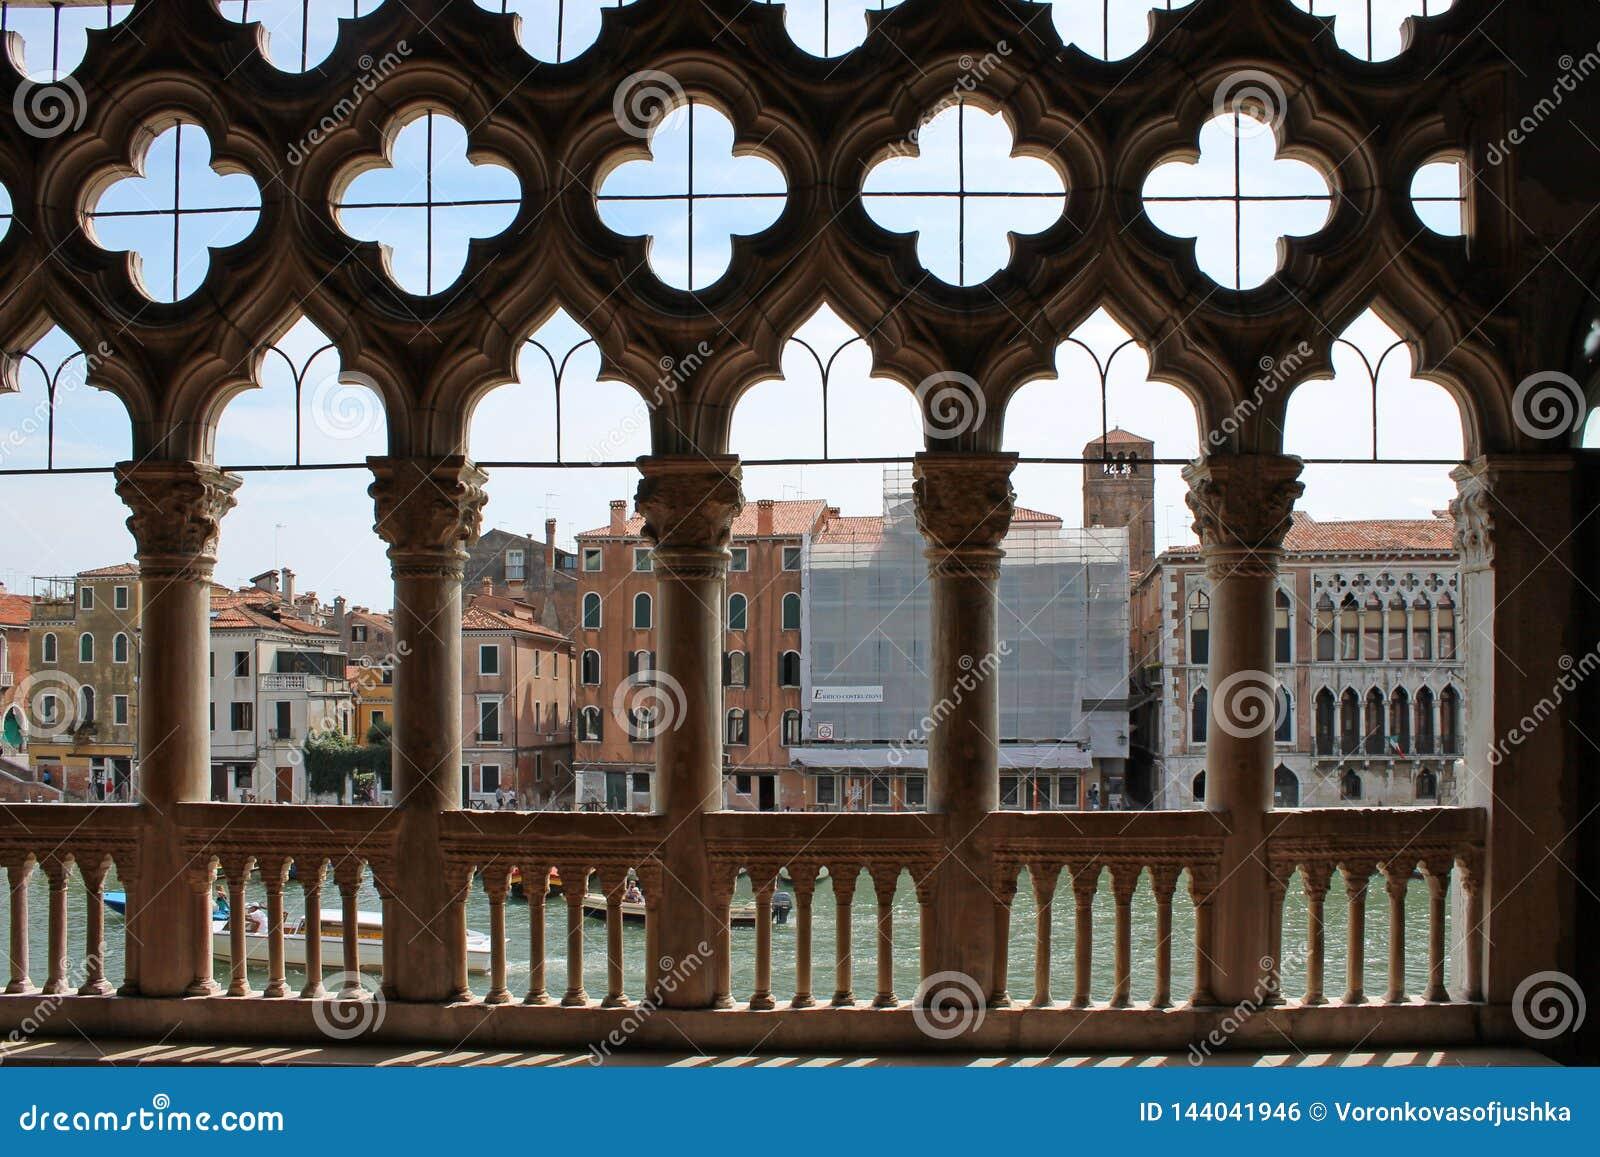 Άποψη του μεγάλου καναλιού της Βενετίας μέσω του χαρασμένου άσπρου δικτυωτού πλέγματος πετρών του παλατιού